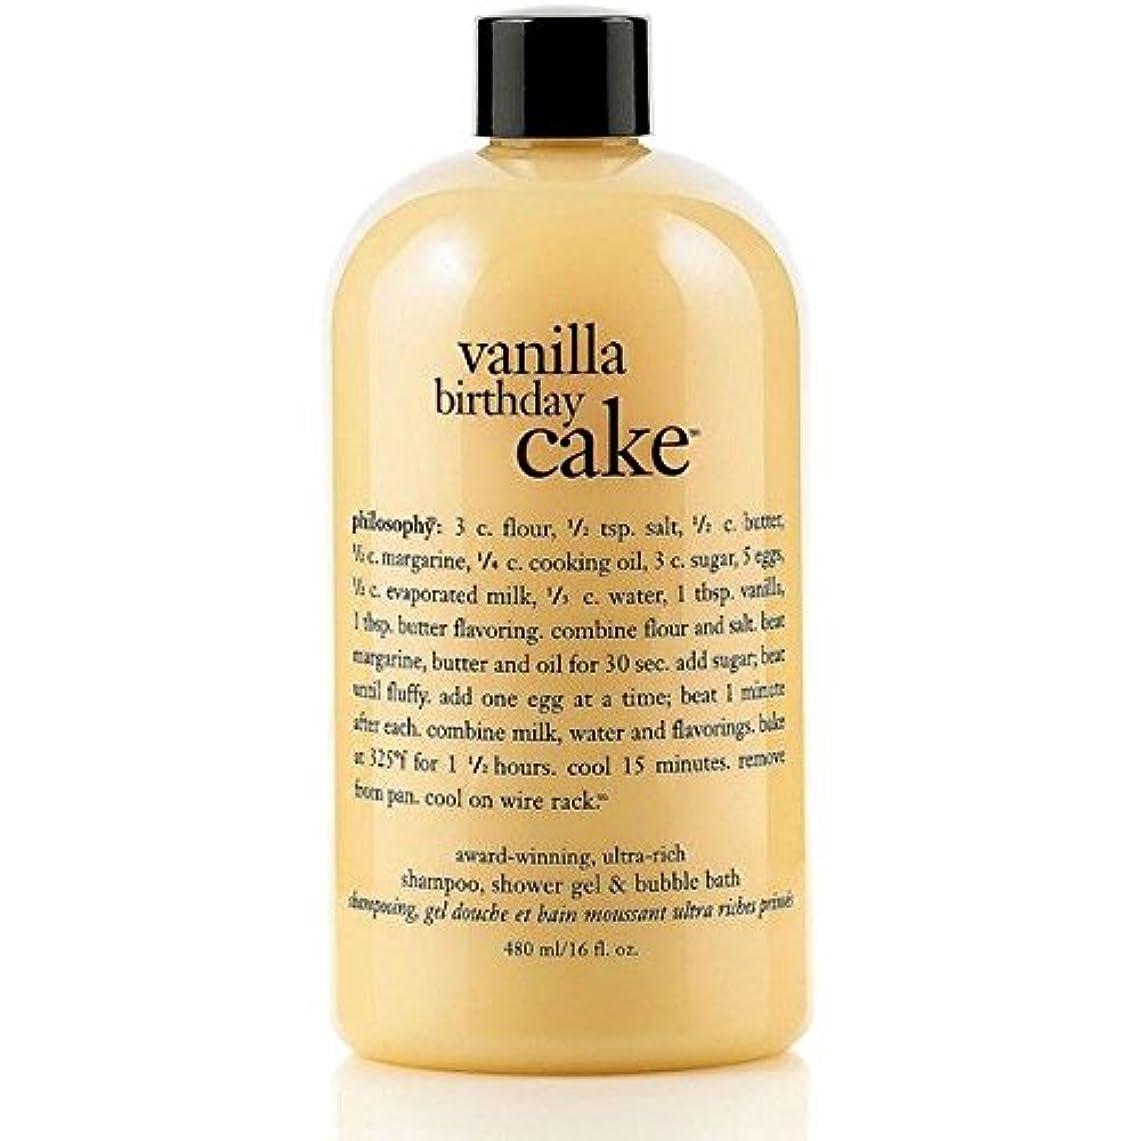 無し意気消沈した計り知れないフィロソフィー バニラ バースデー ケーキ シャワージェル 480ml PHILOSOPHY VANILLA BIRTHDAY CAKE SHOWER GEL [並行輸入品]